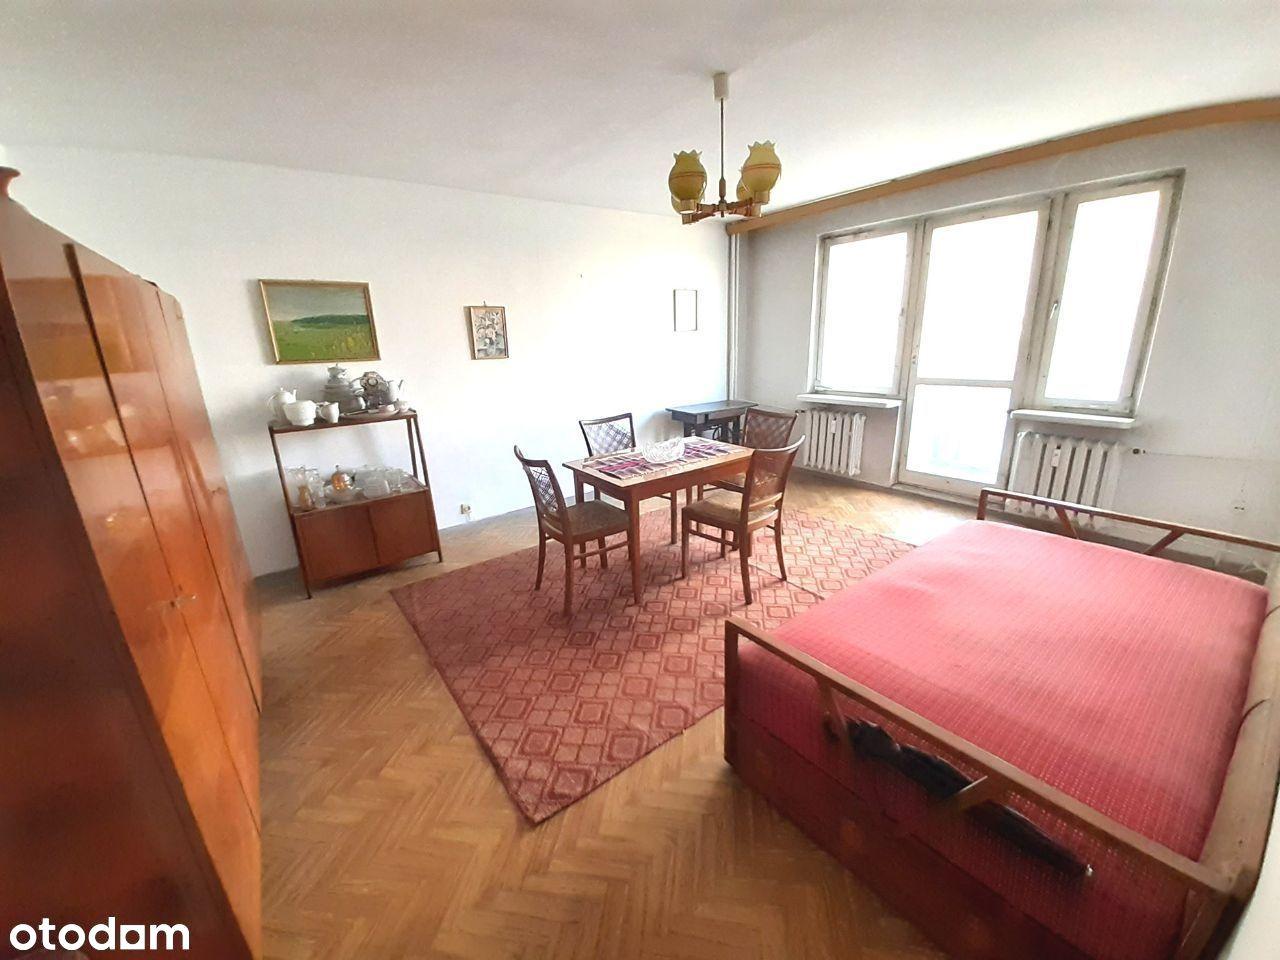 Mieszkanie 2-Pok. 46,3m2 Z Balkonem i Piwnicą